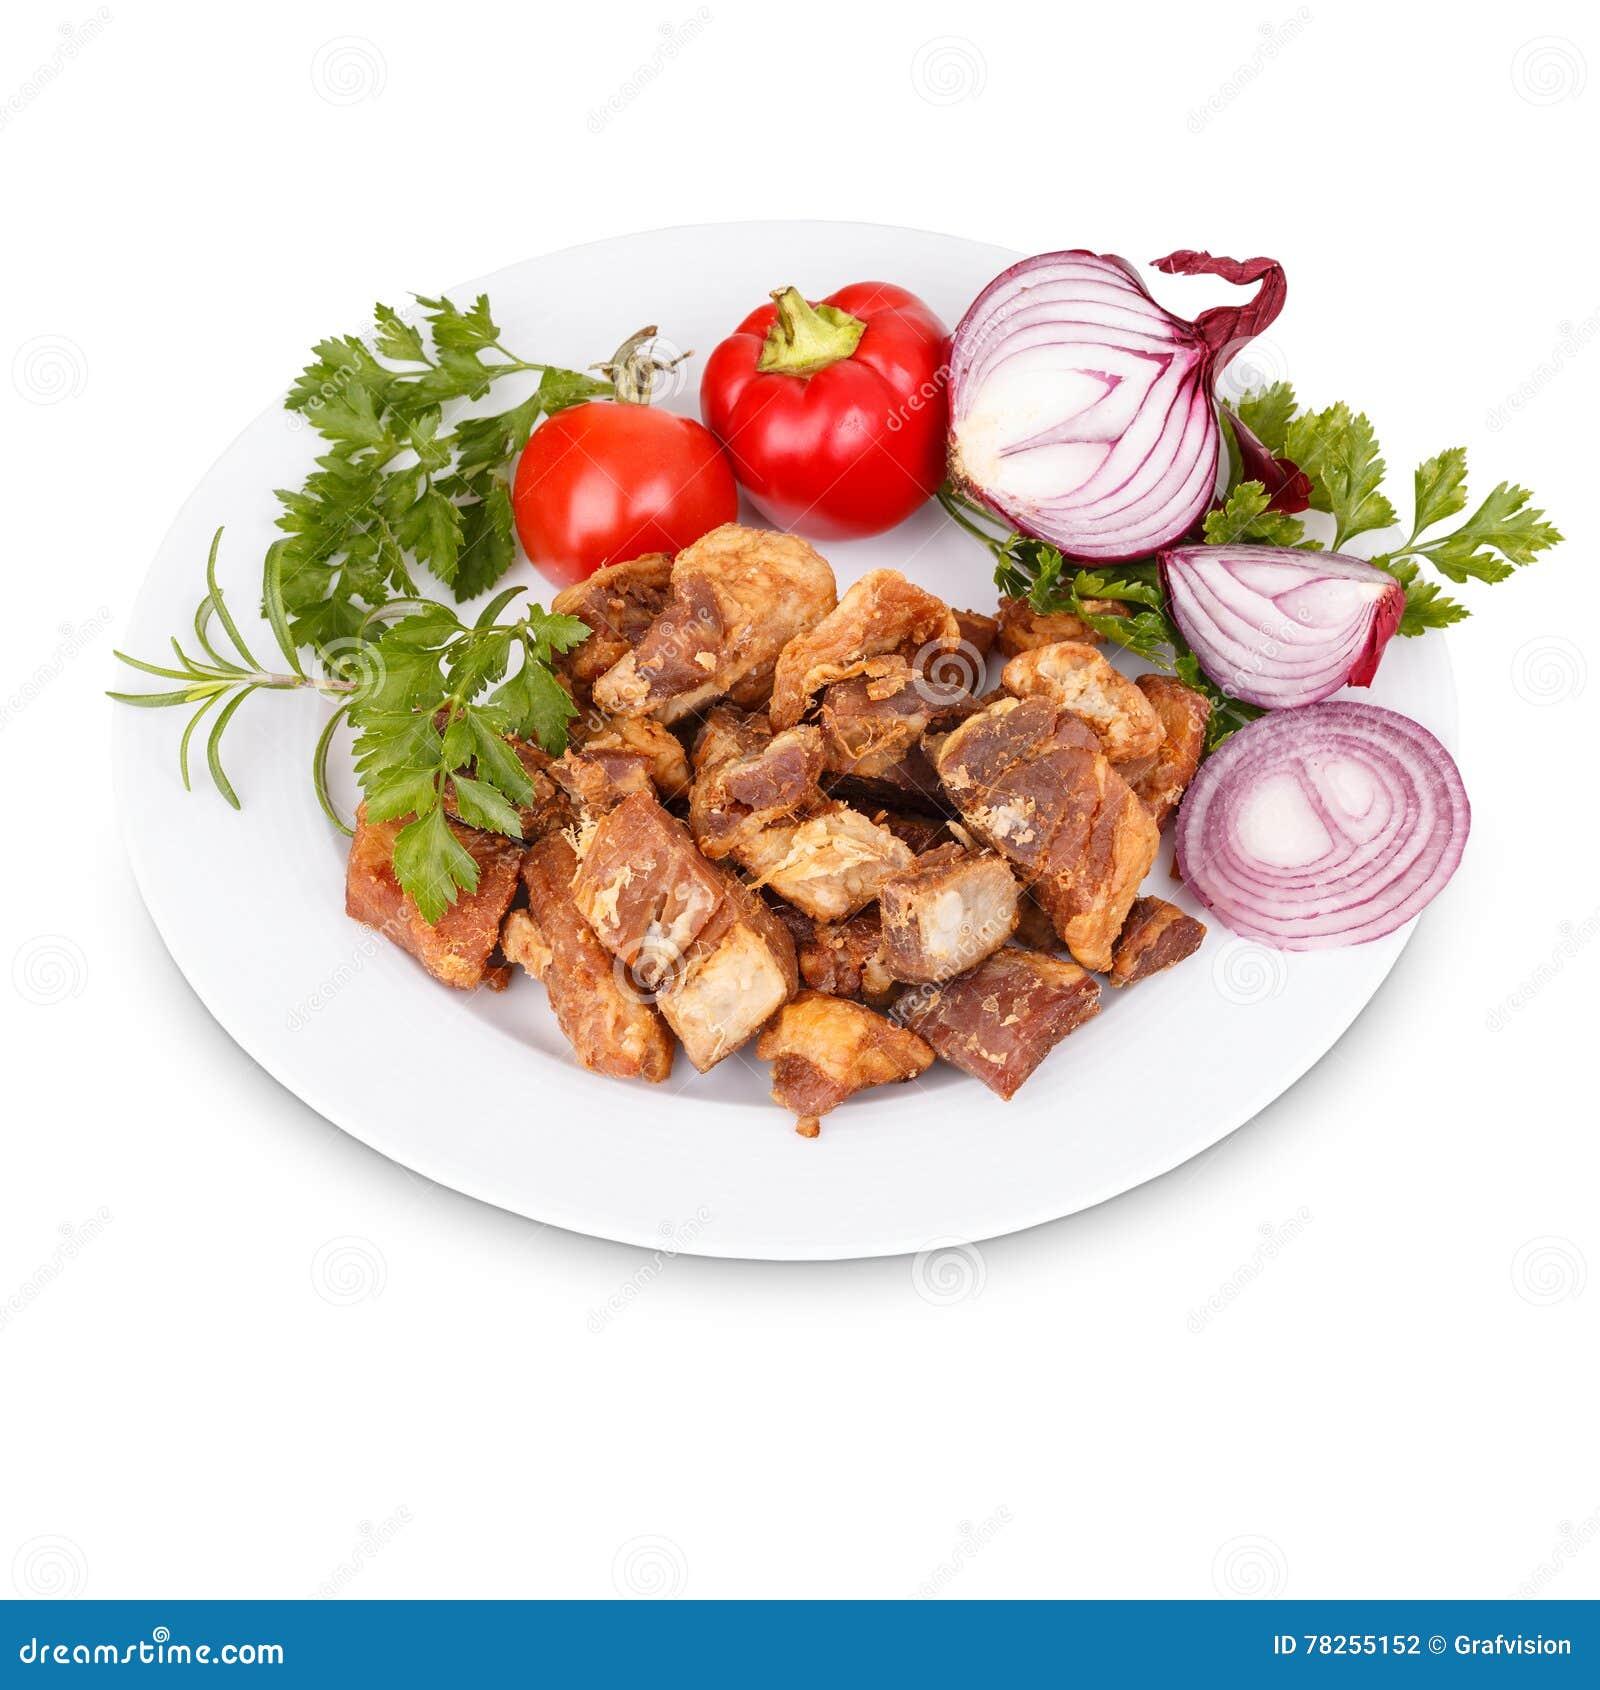 Τηγανισμένα υπολείμματα ζωϊκού λίπους χοιρινού κρέατος